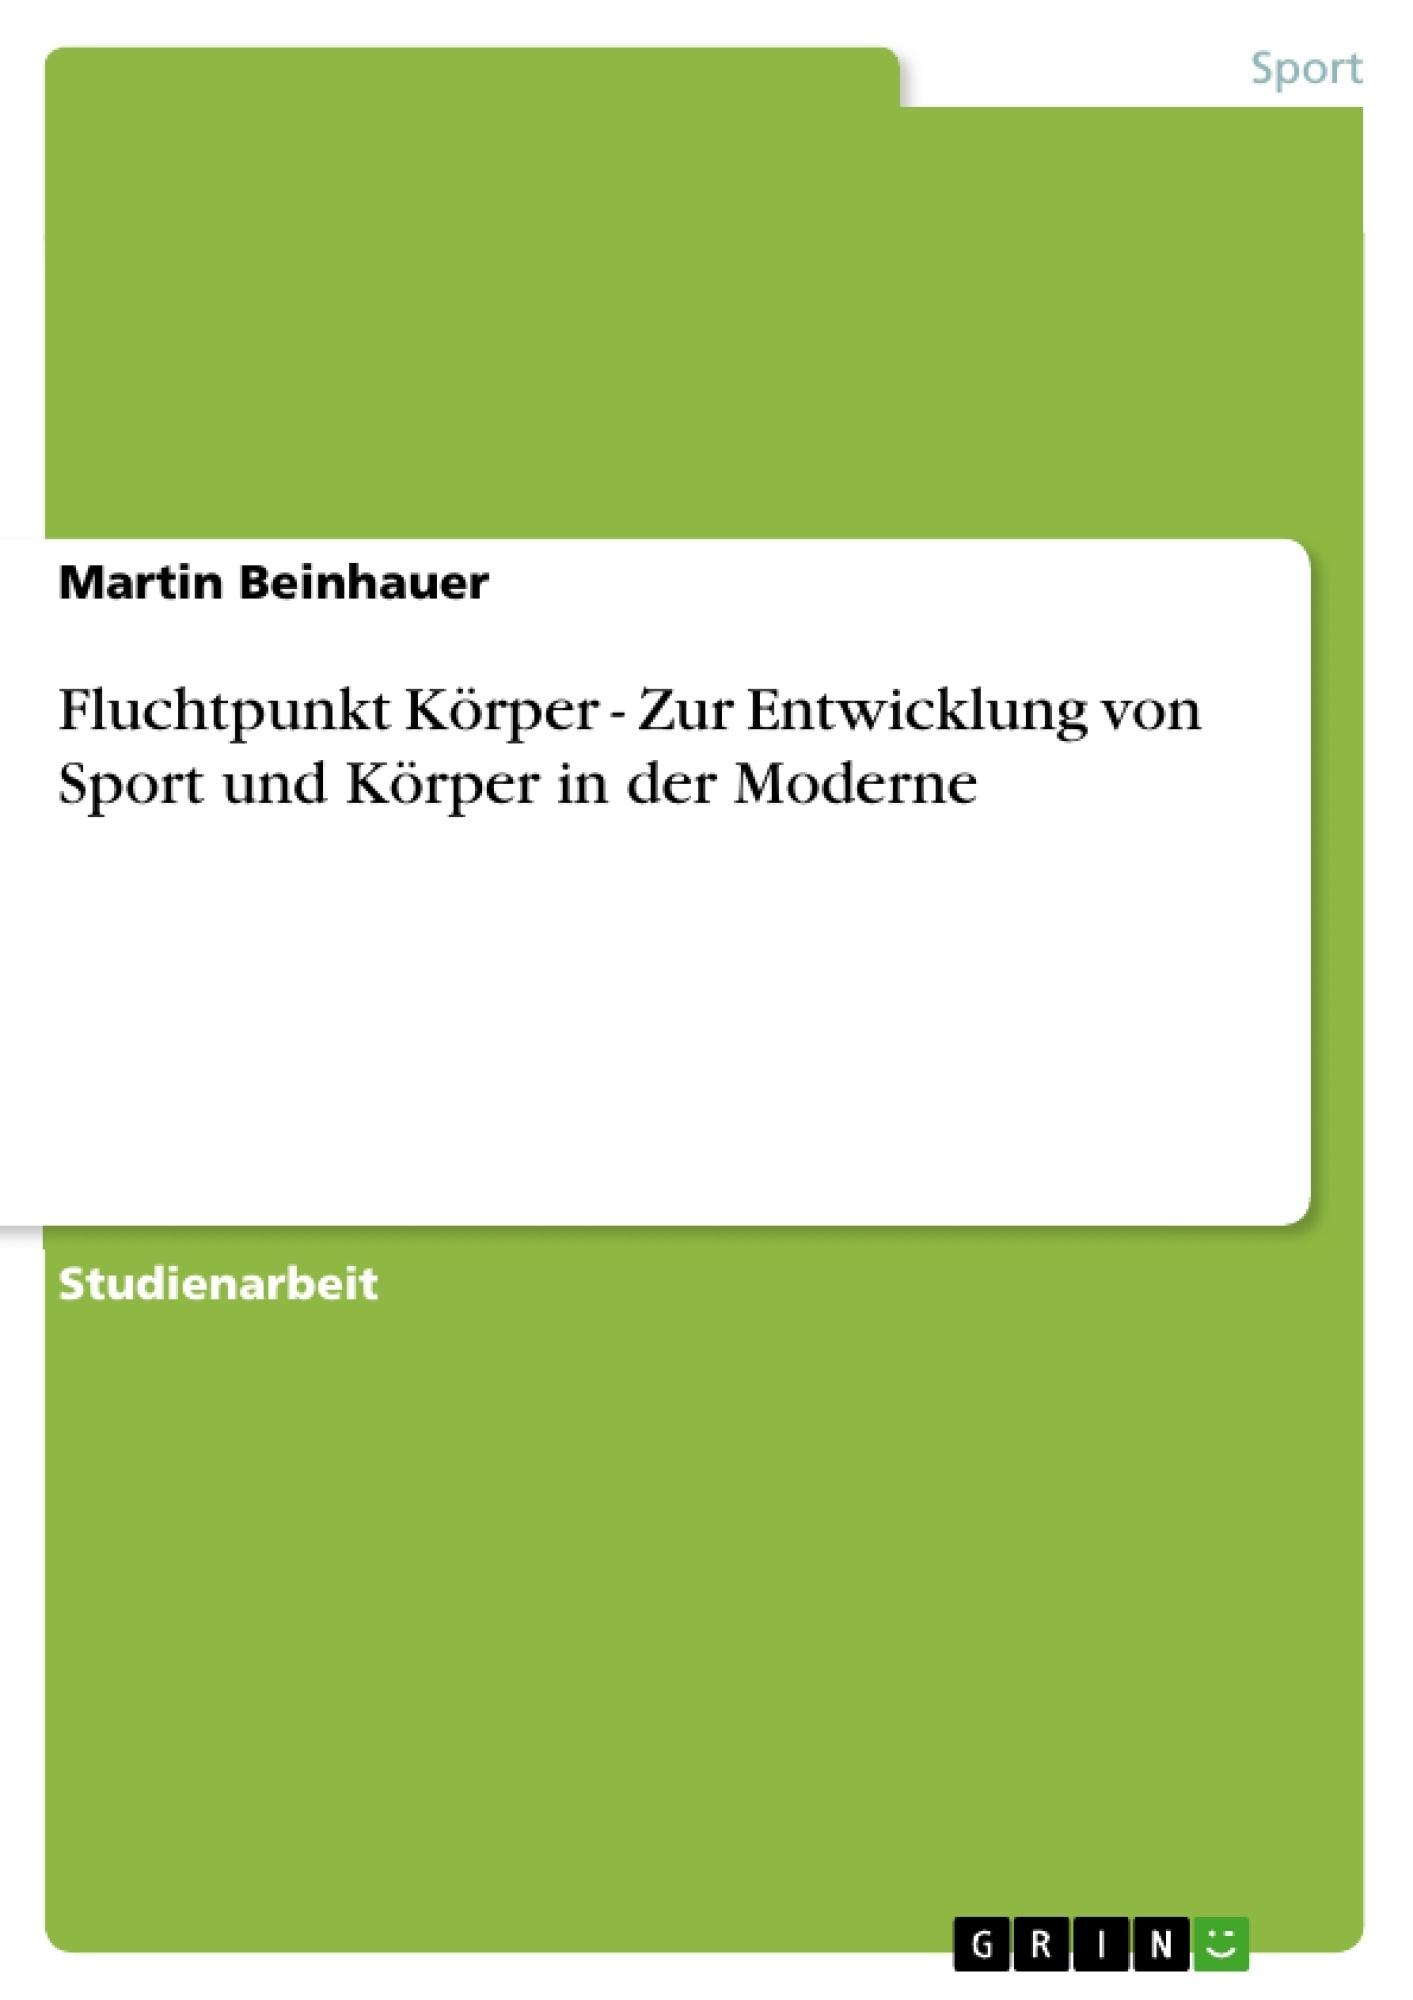 Titel: Fluchtpunkt Körper - Zur Entwicklung von Sport und Körper in der Moderne